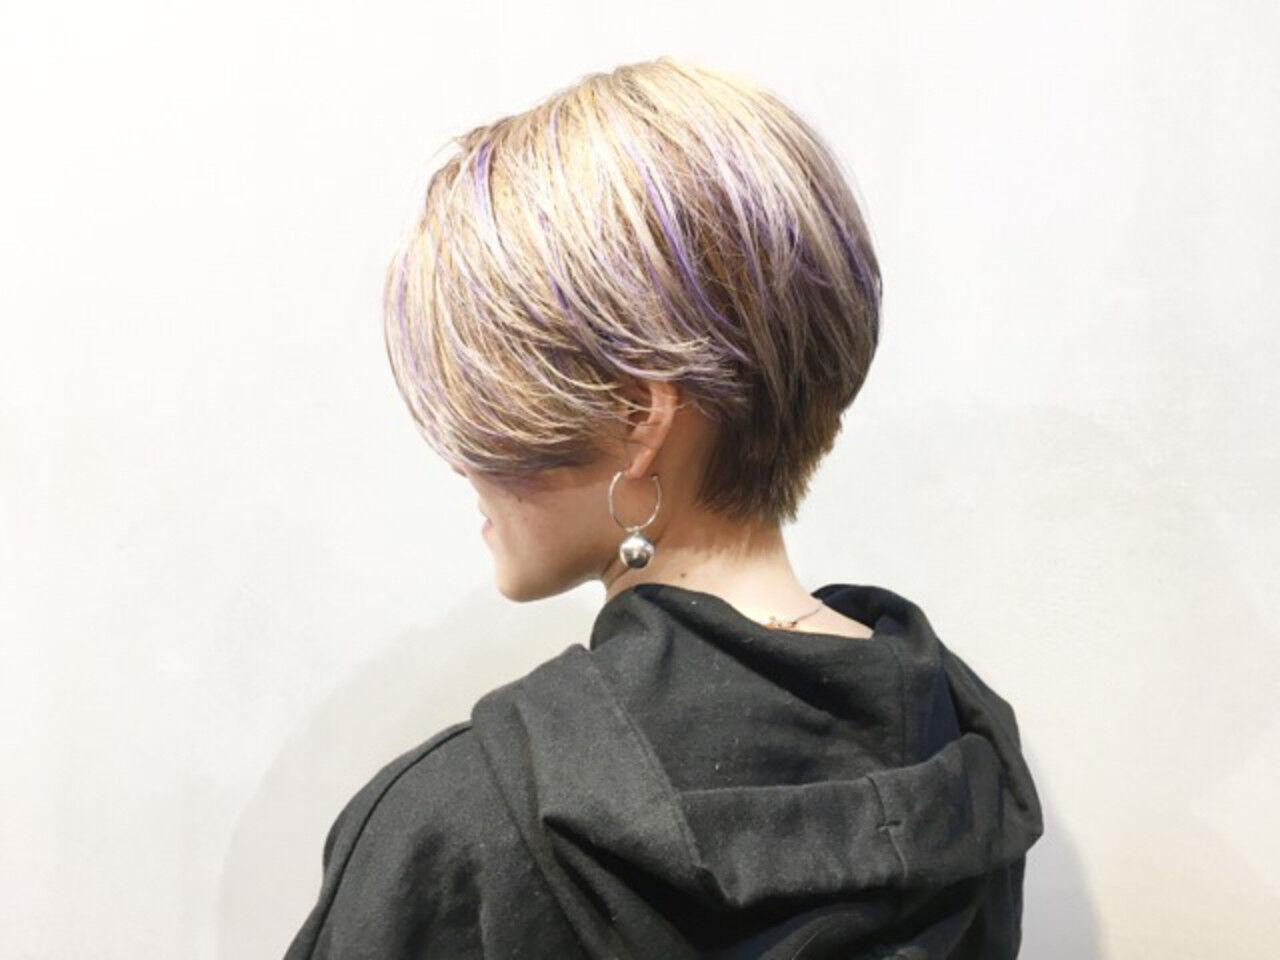 アッシュグレージュ ショート ストリート ショートヘアヘアスタイルや髪型の写真・画像